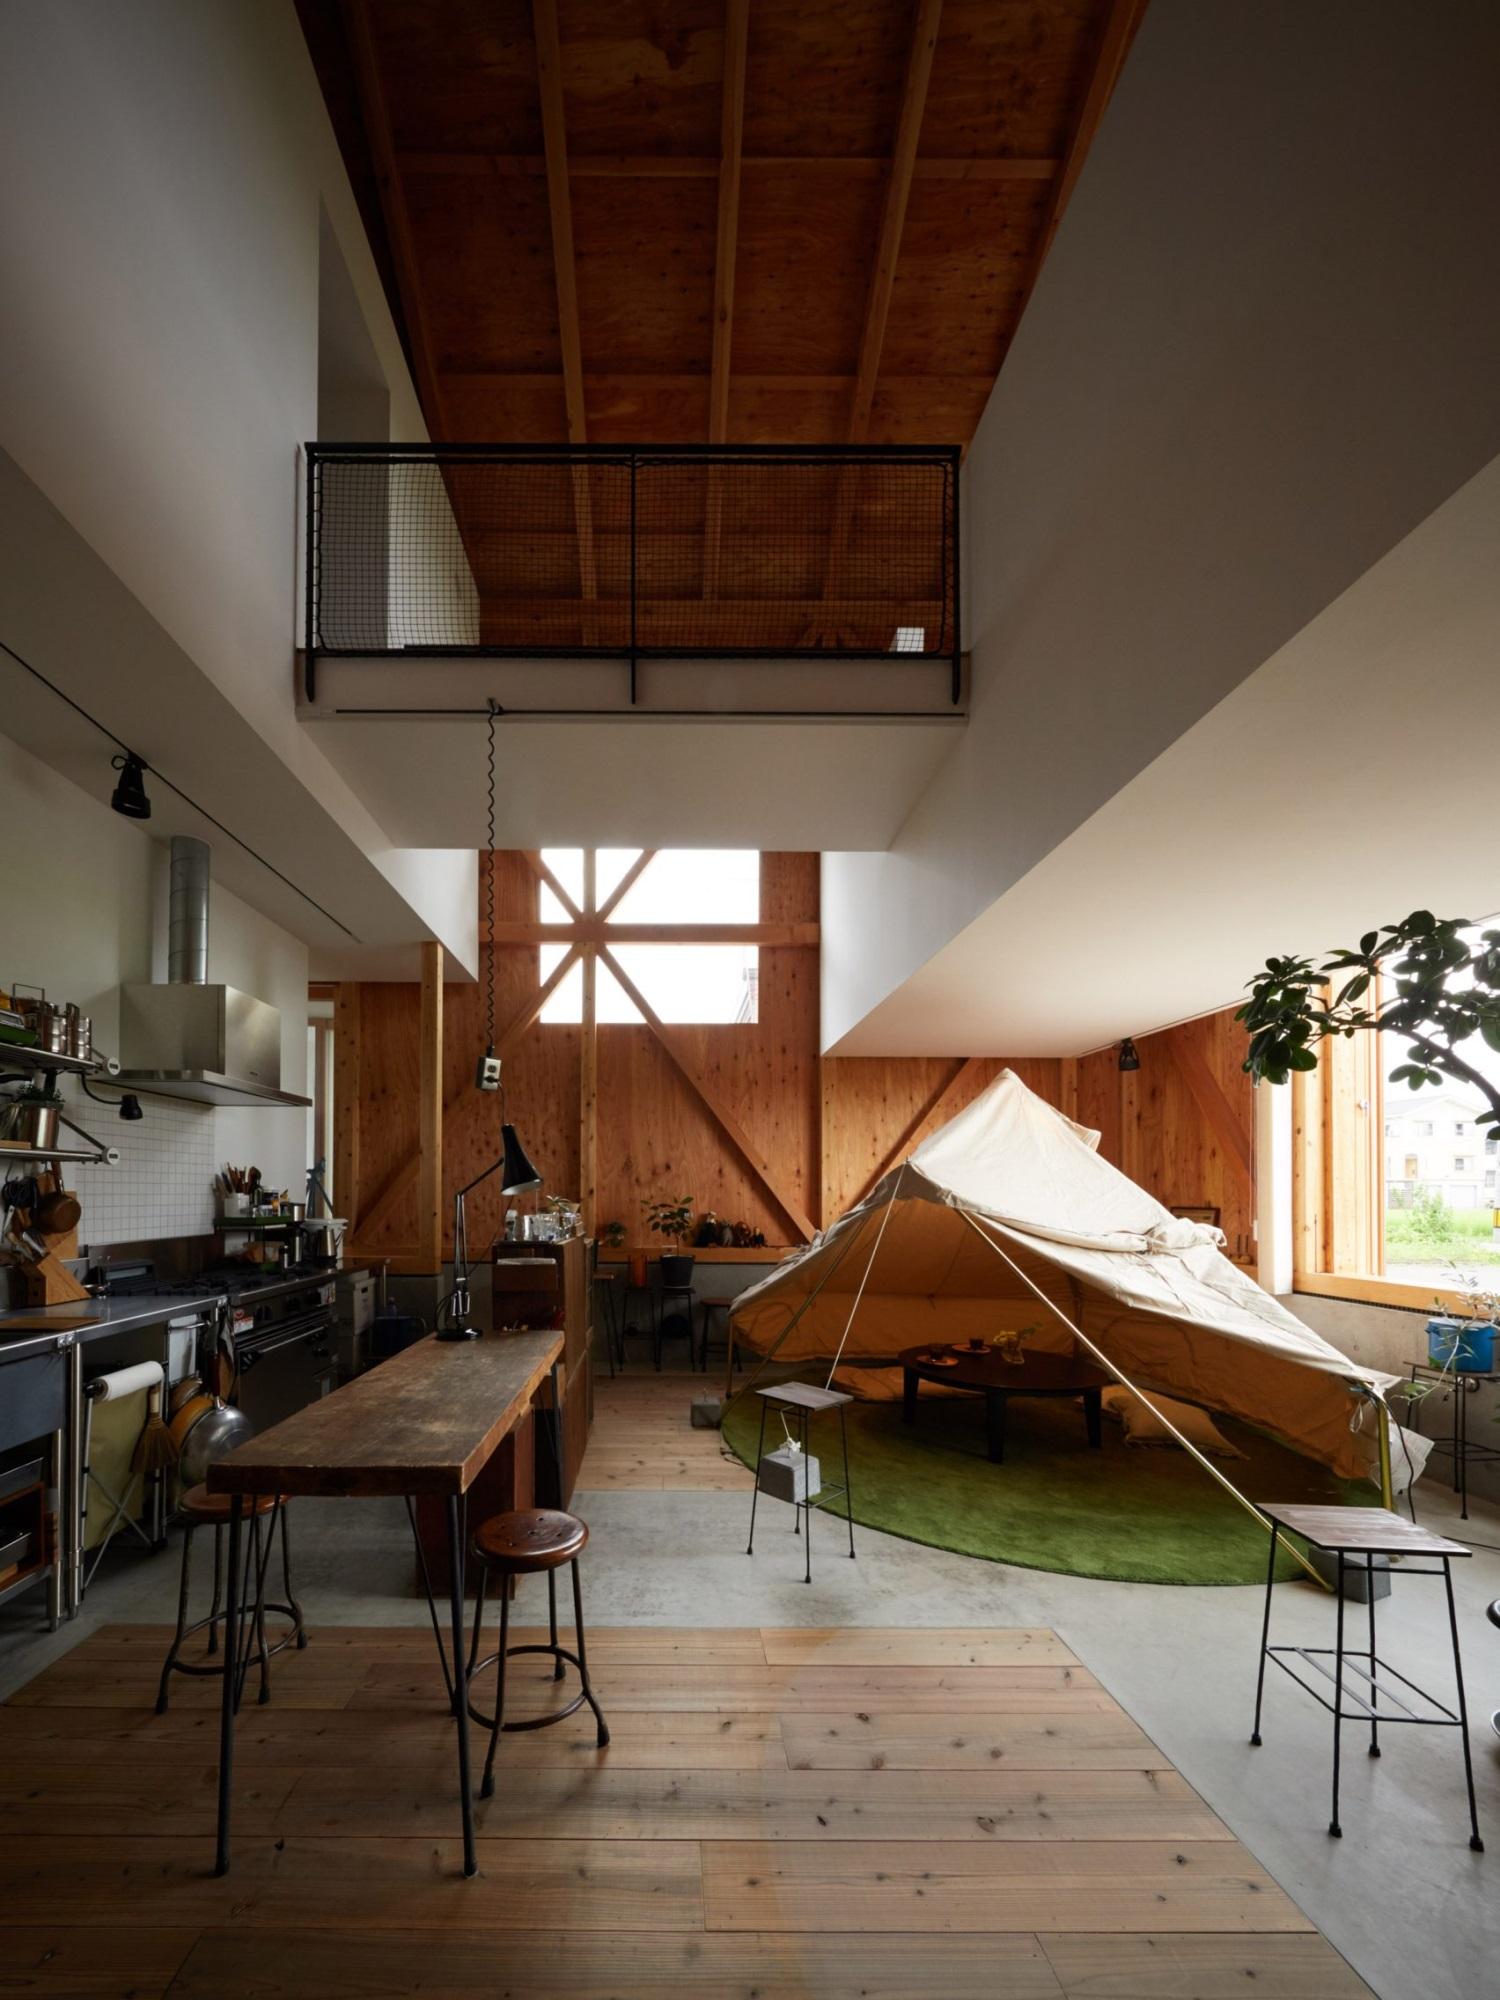 Ngôi nhà hai tầng bình yên với cánh cửa mở rộng đón nắng gió từ đồng lúa xanh tươi - Ảnh 5